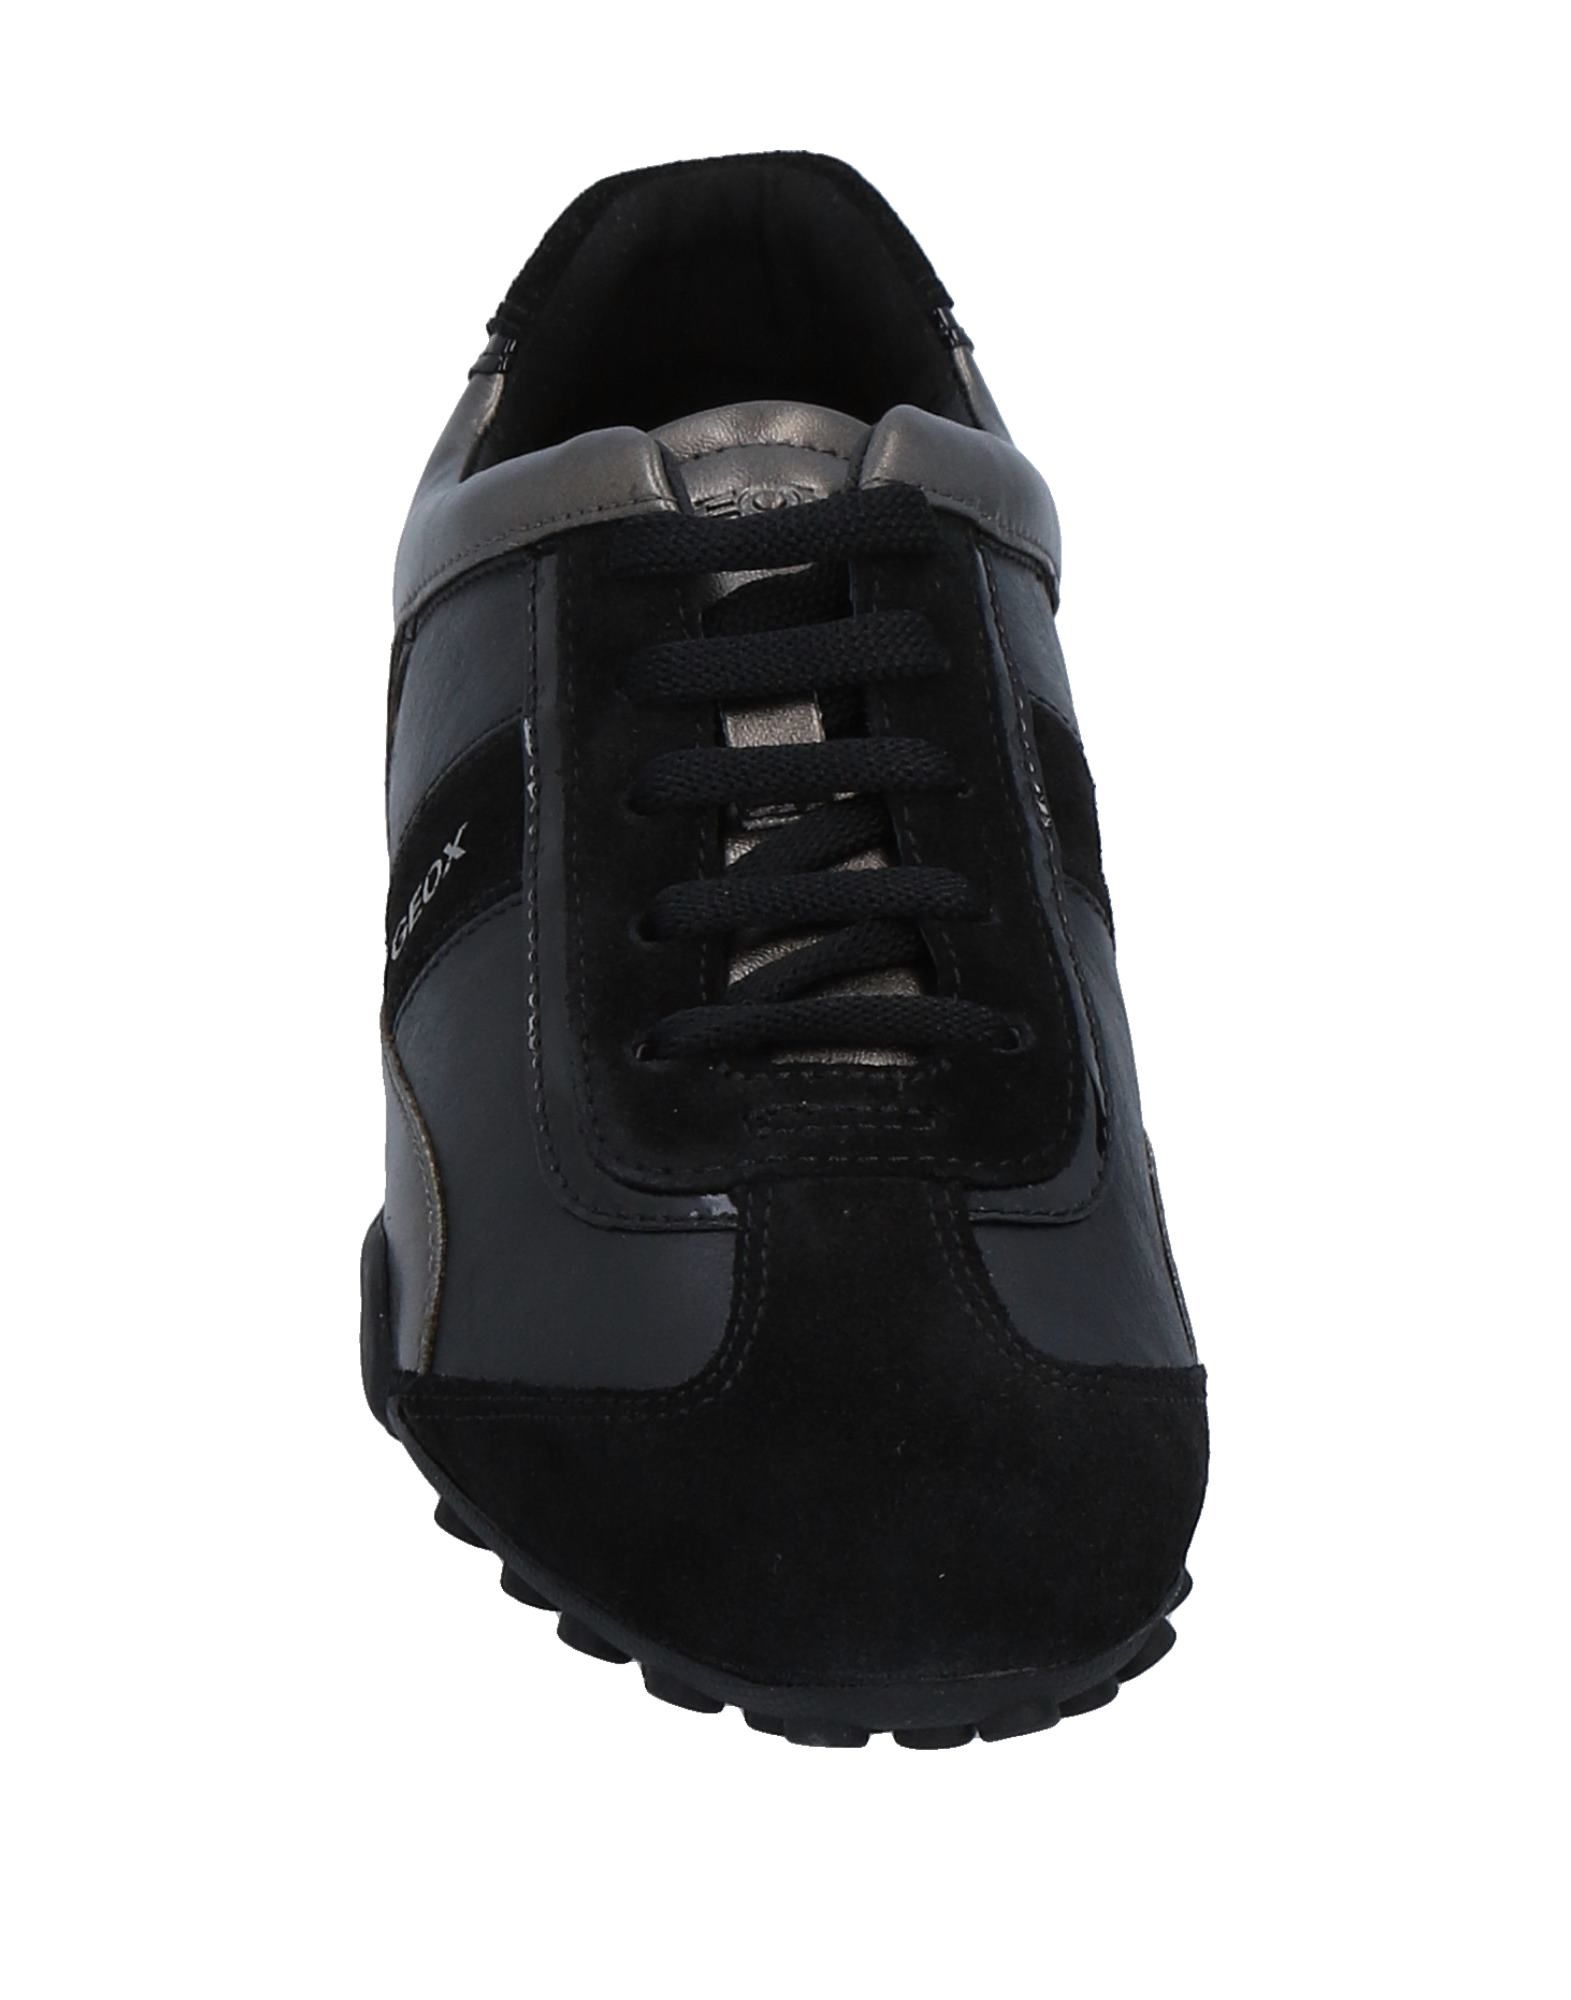 Geox Sneakers Damen  11541748OR 11541748OR  775e16